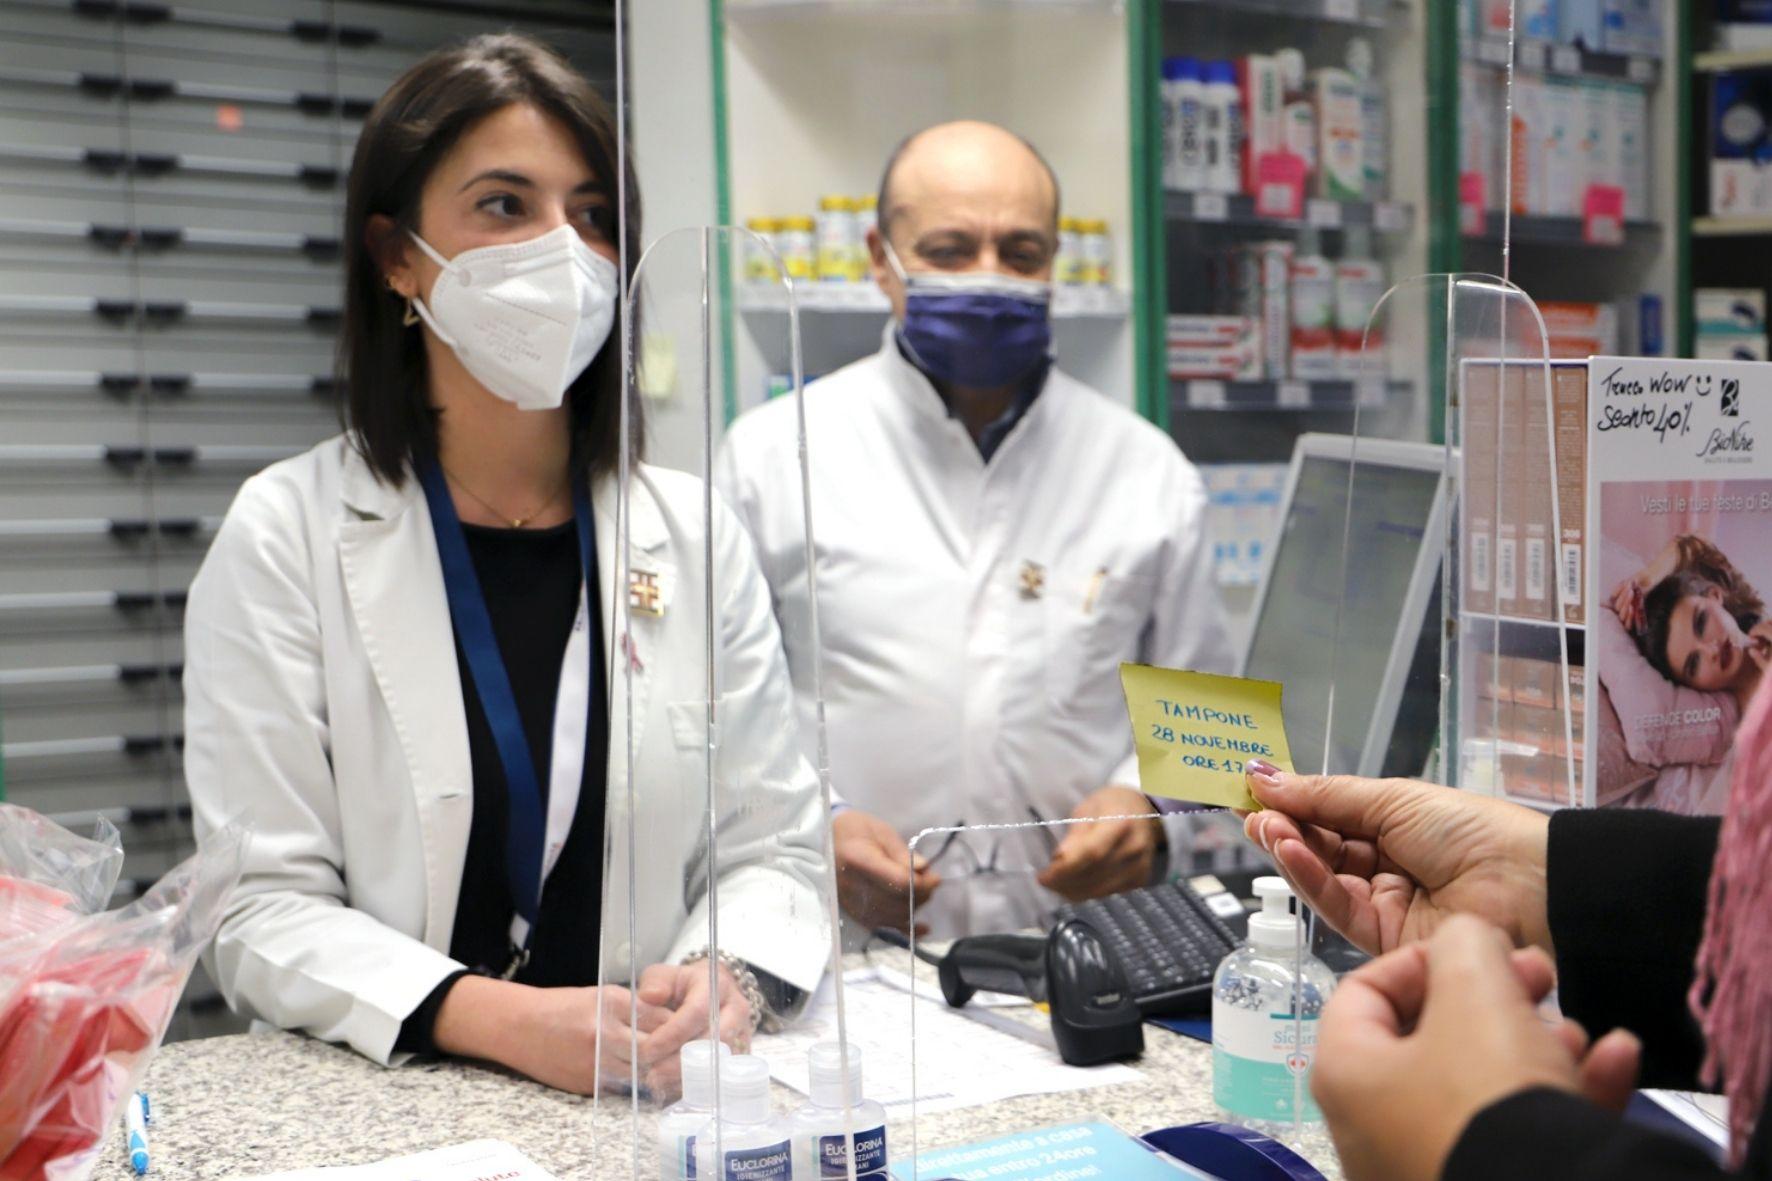 Referto stampato in farmacia